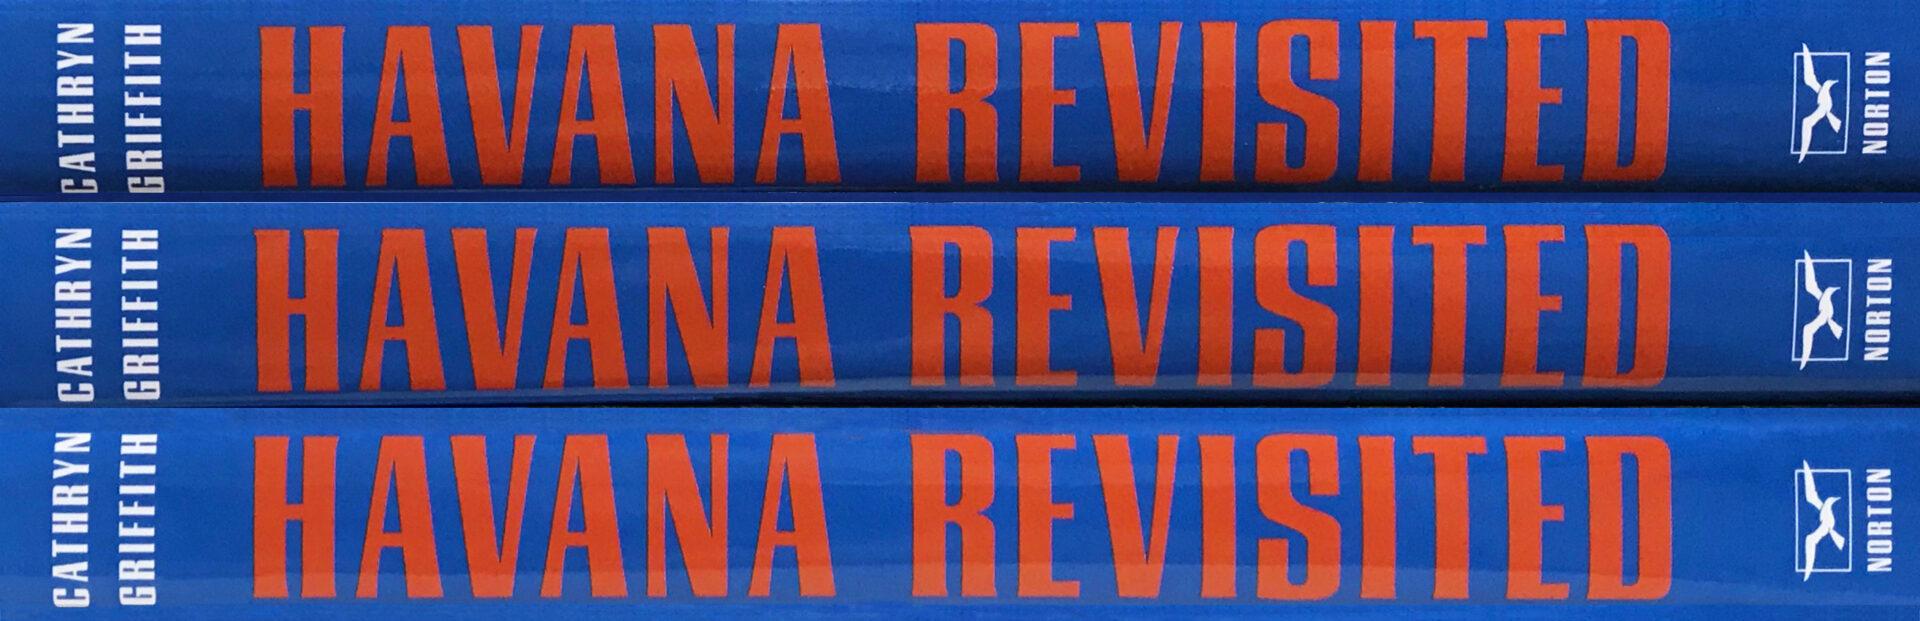 HR4 book spine